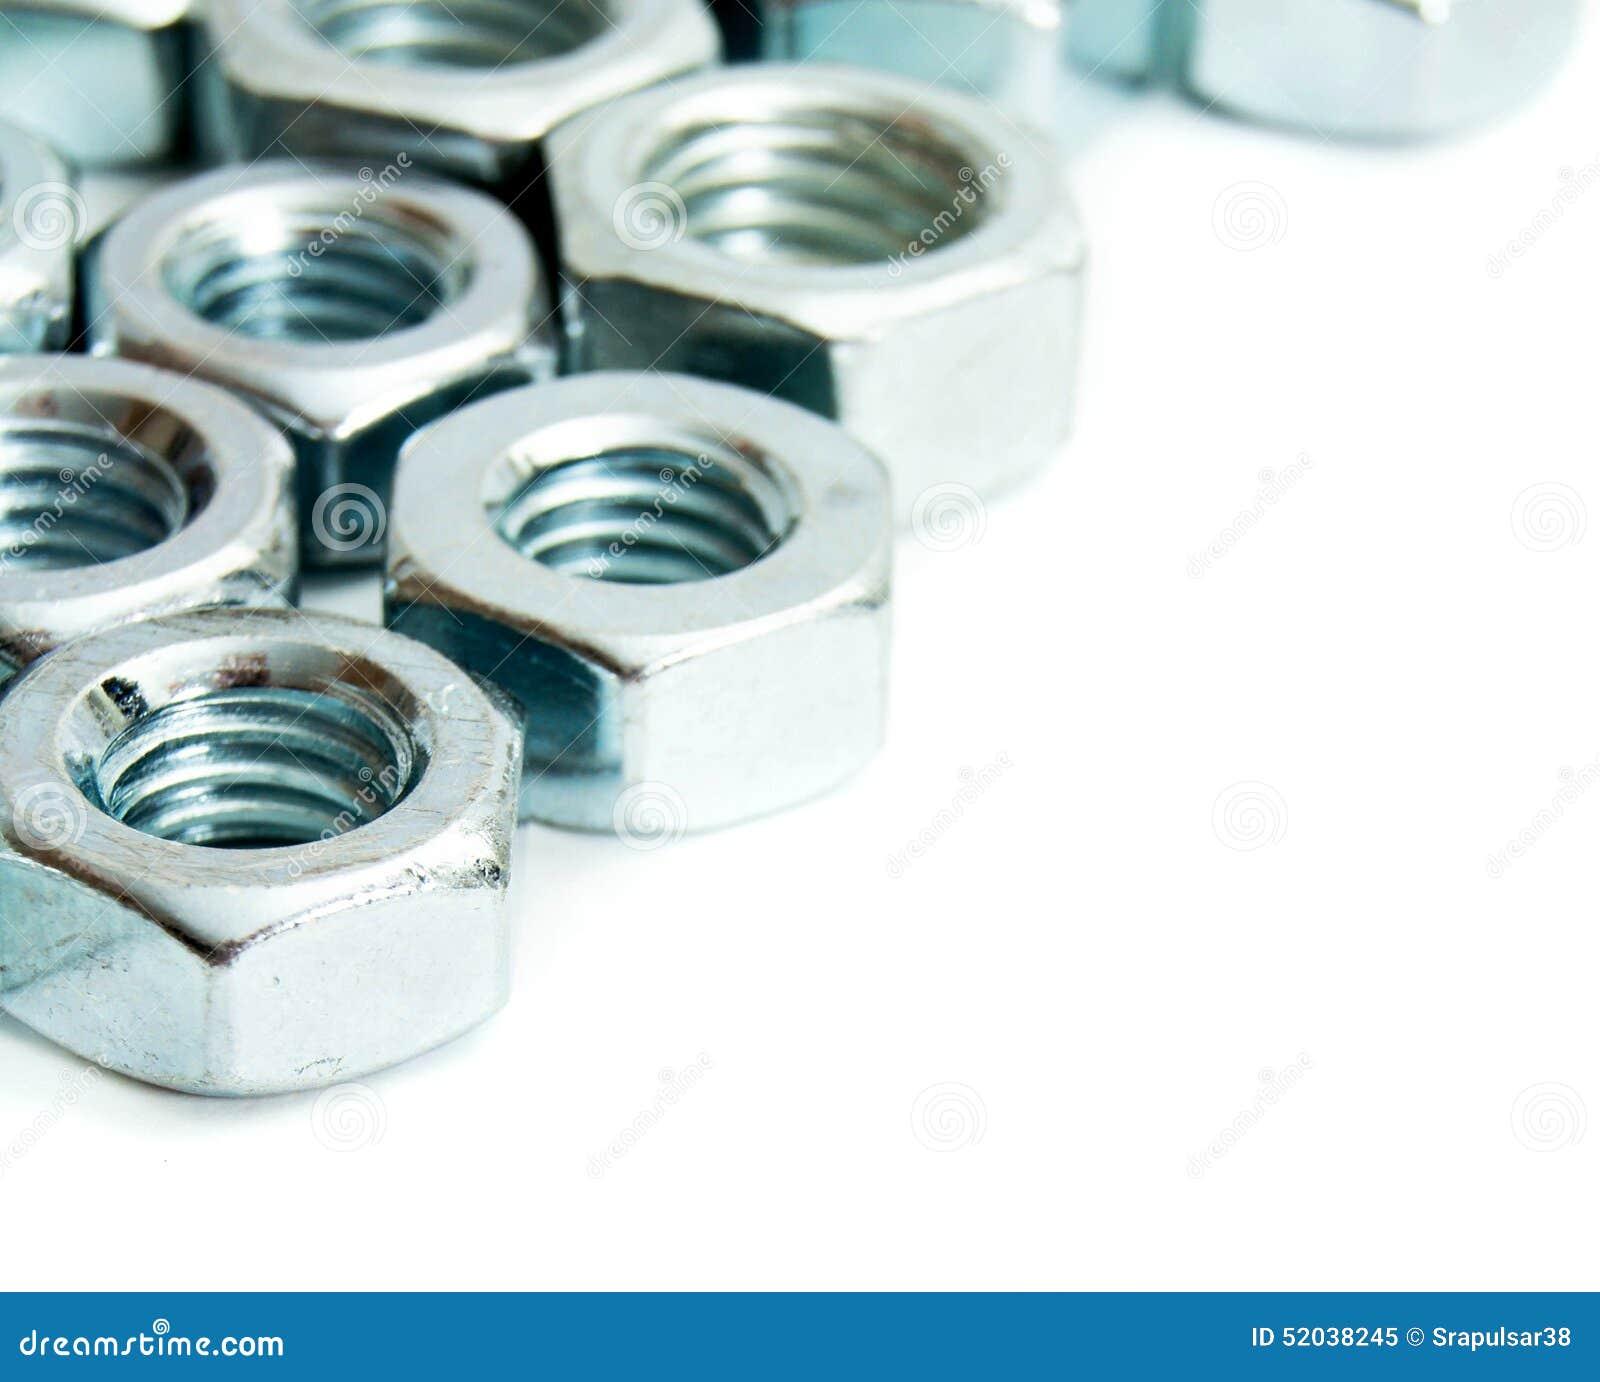 Metalwork Приспособление металла на белой предпосылке